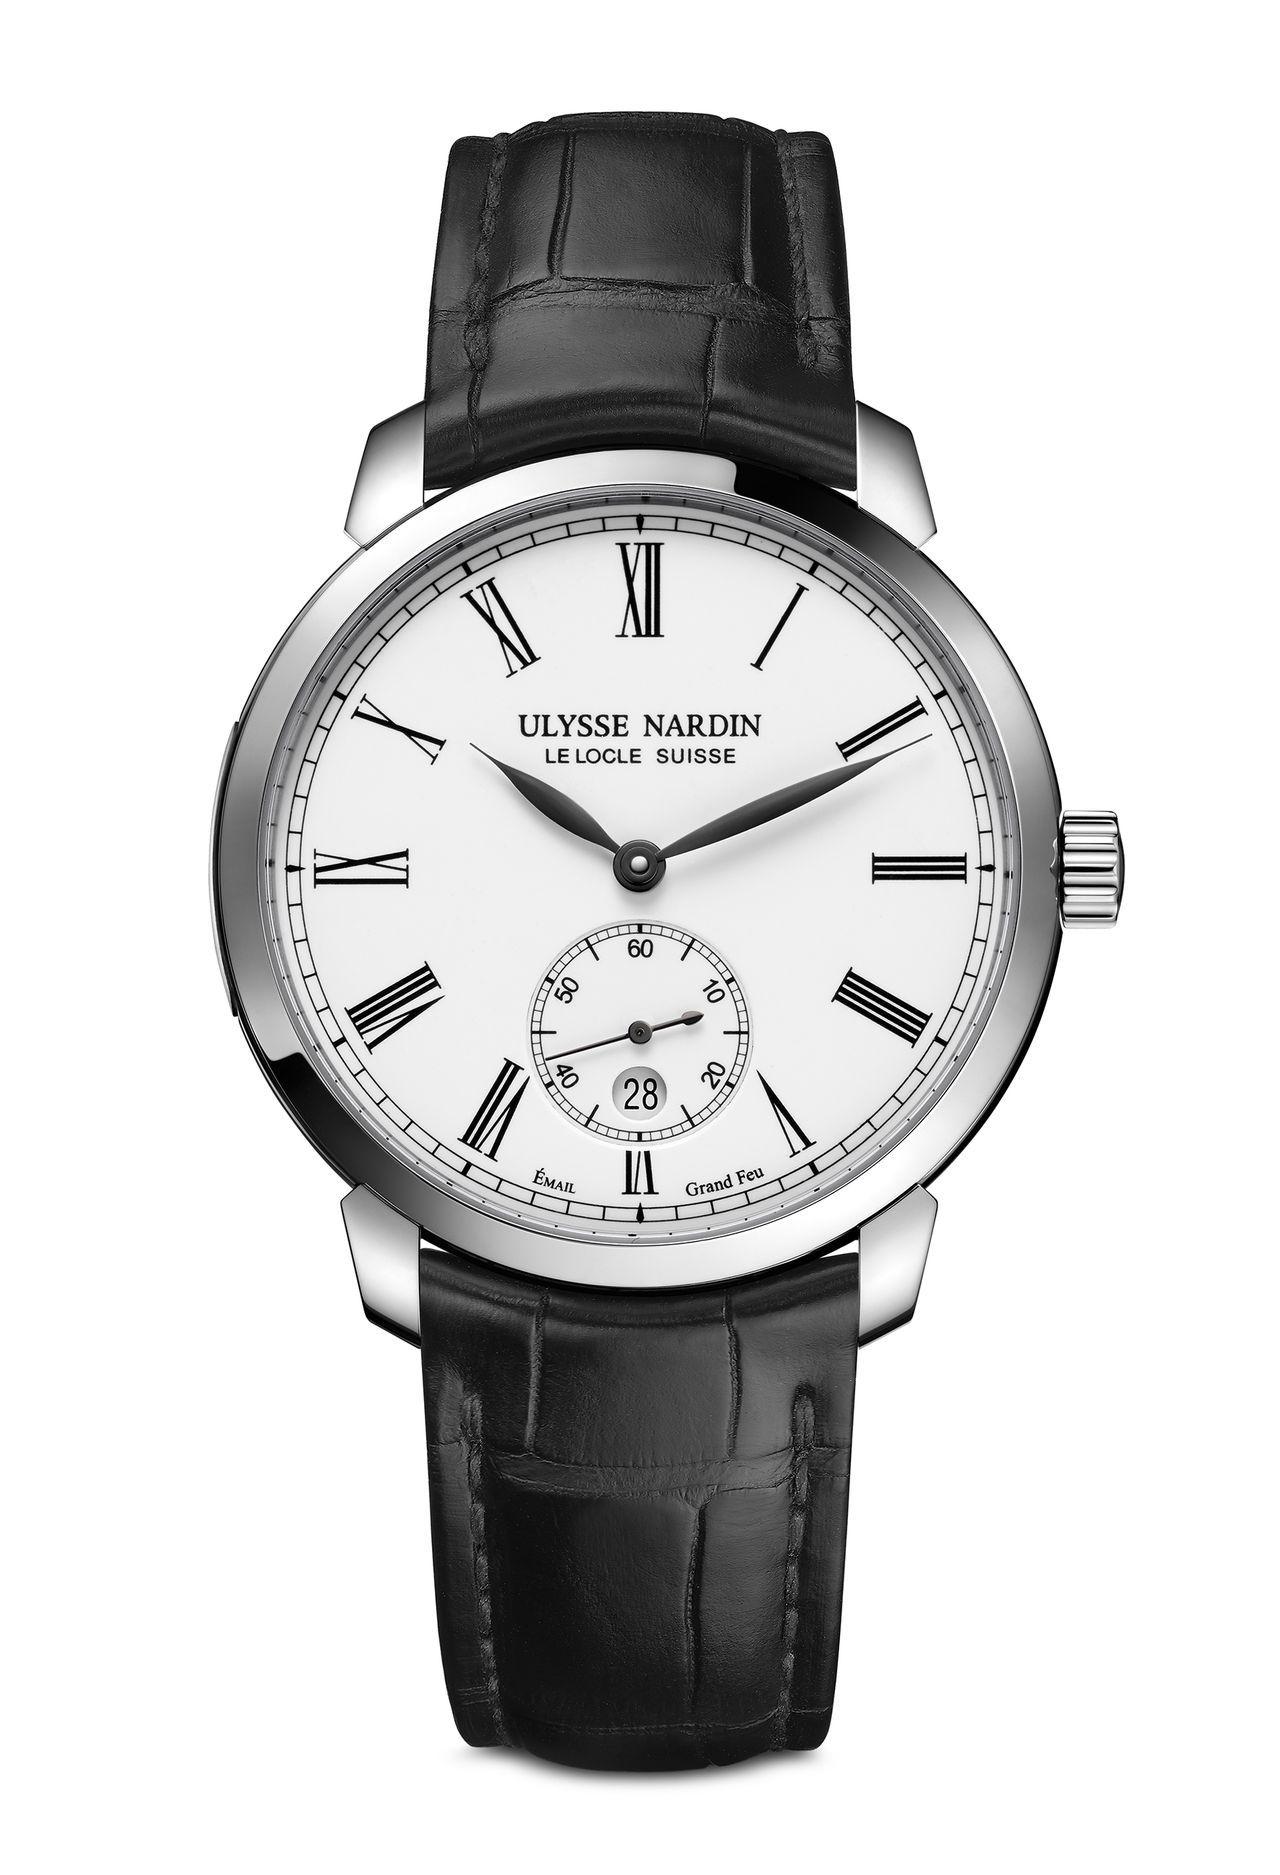 Ulysse Nardin Classico Manufacture Grand Feu - csak klasszikusan fehér tűzzománc számlappal